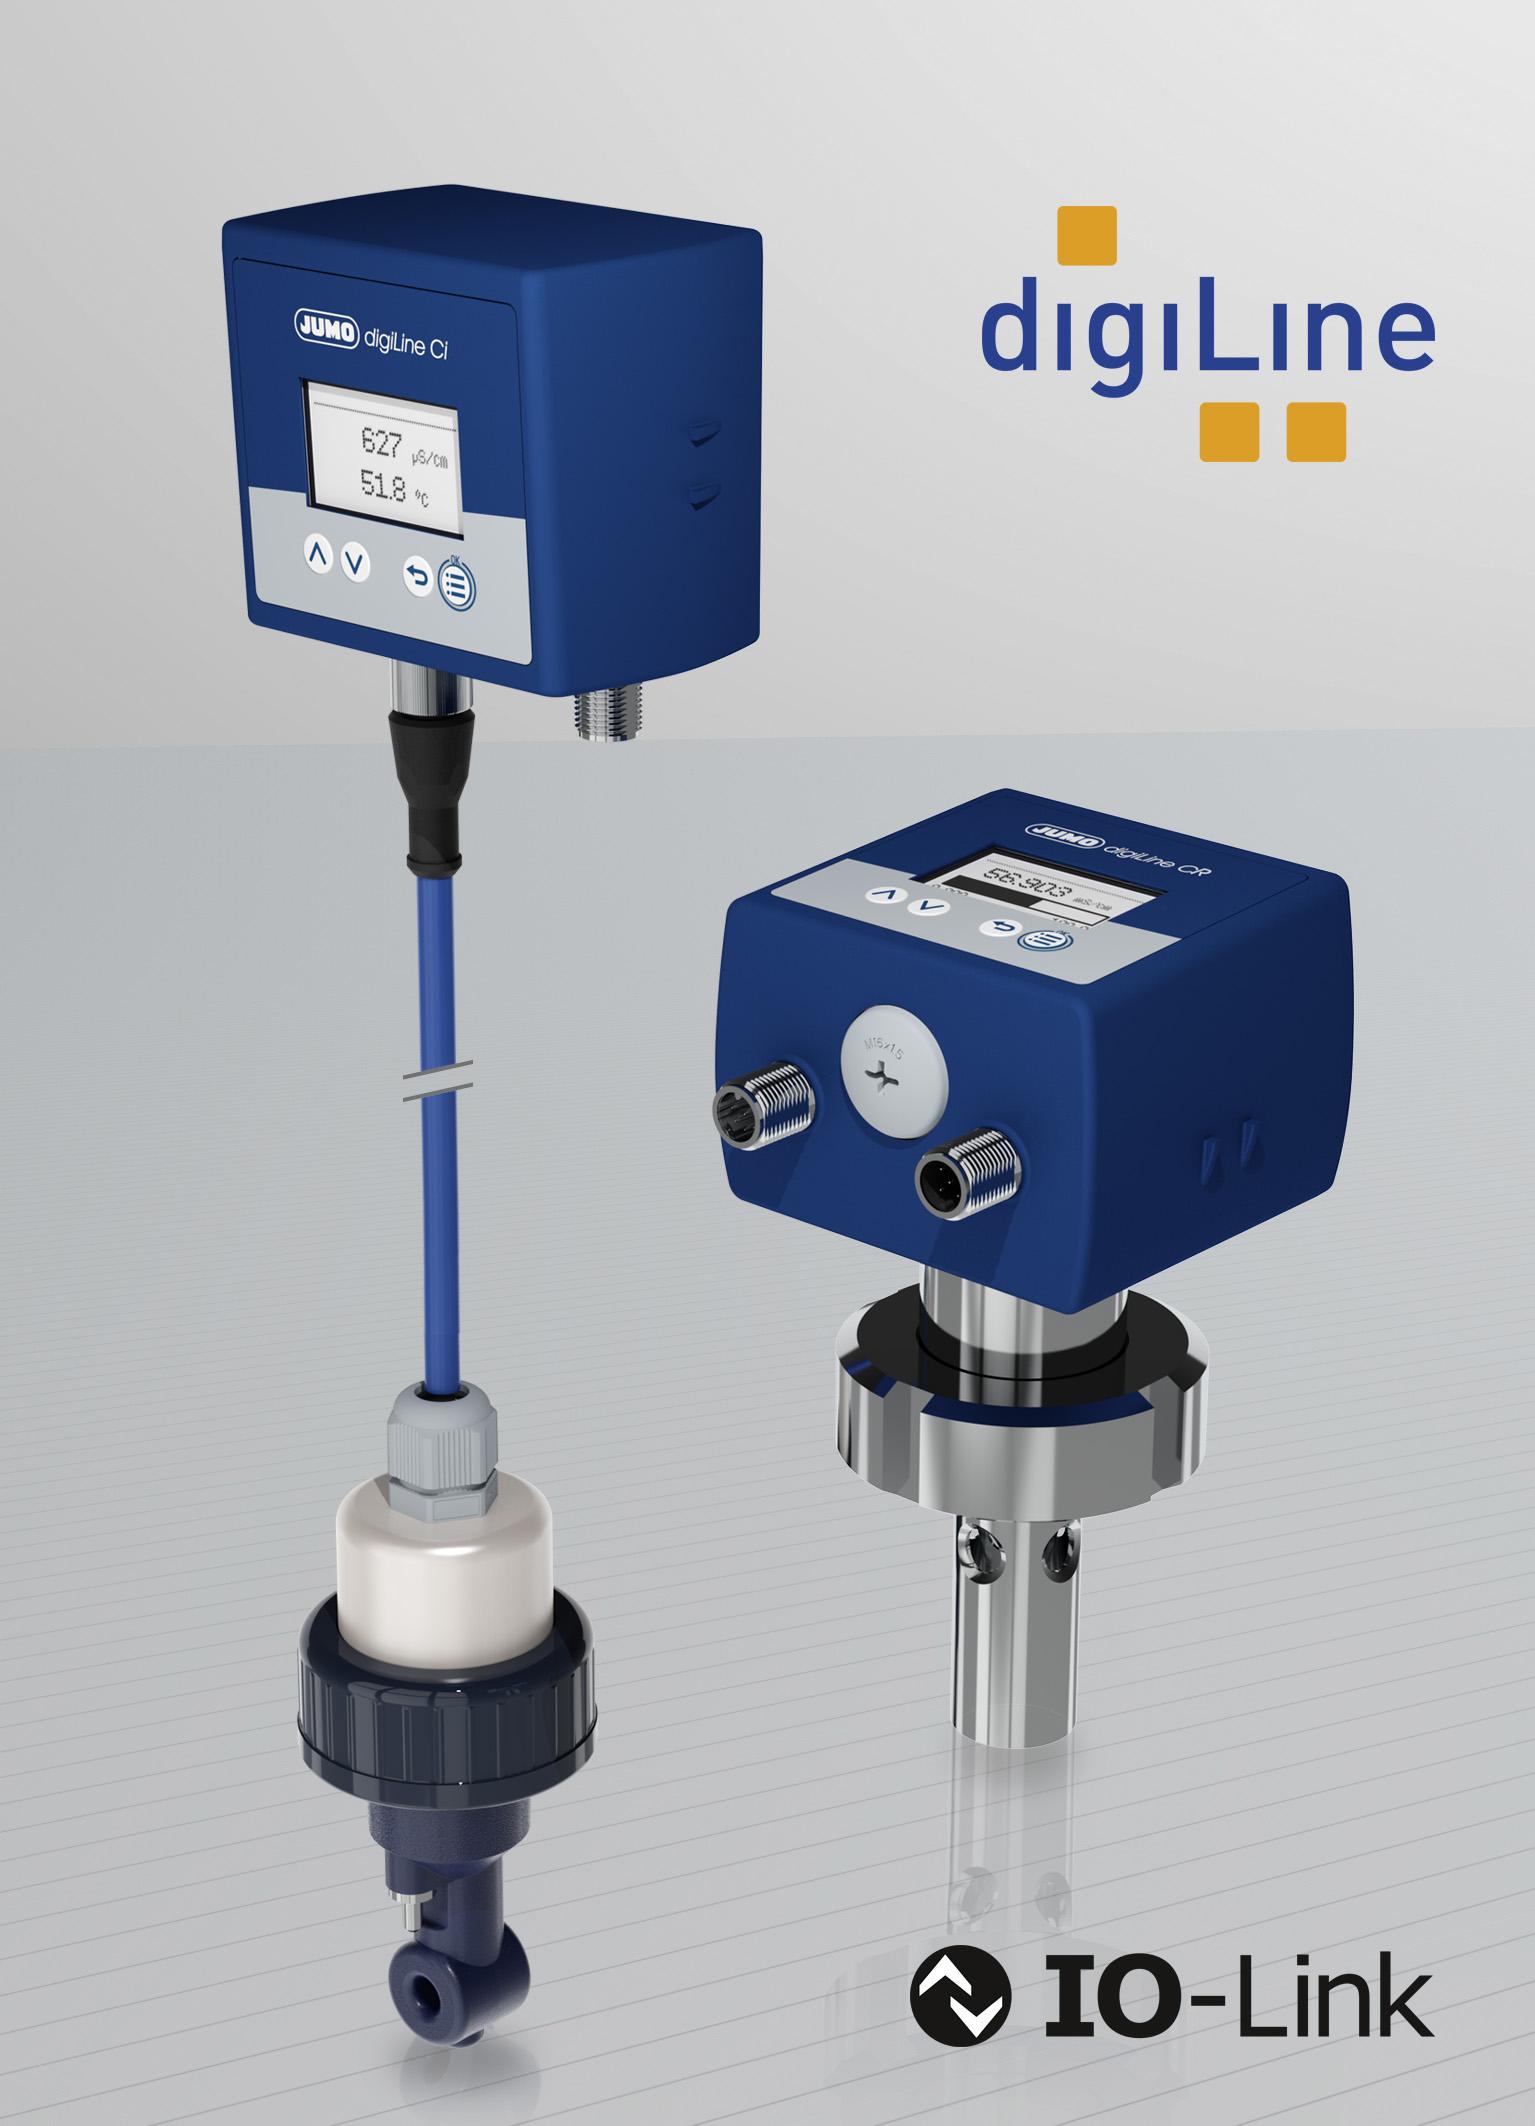 Das Jumo digiLine-System wird um digitale Sensoren zur Messung der elektrolytischen Leitfähigkeit ergänzt.